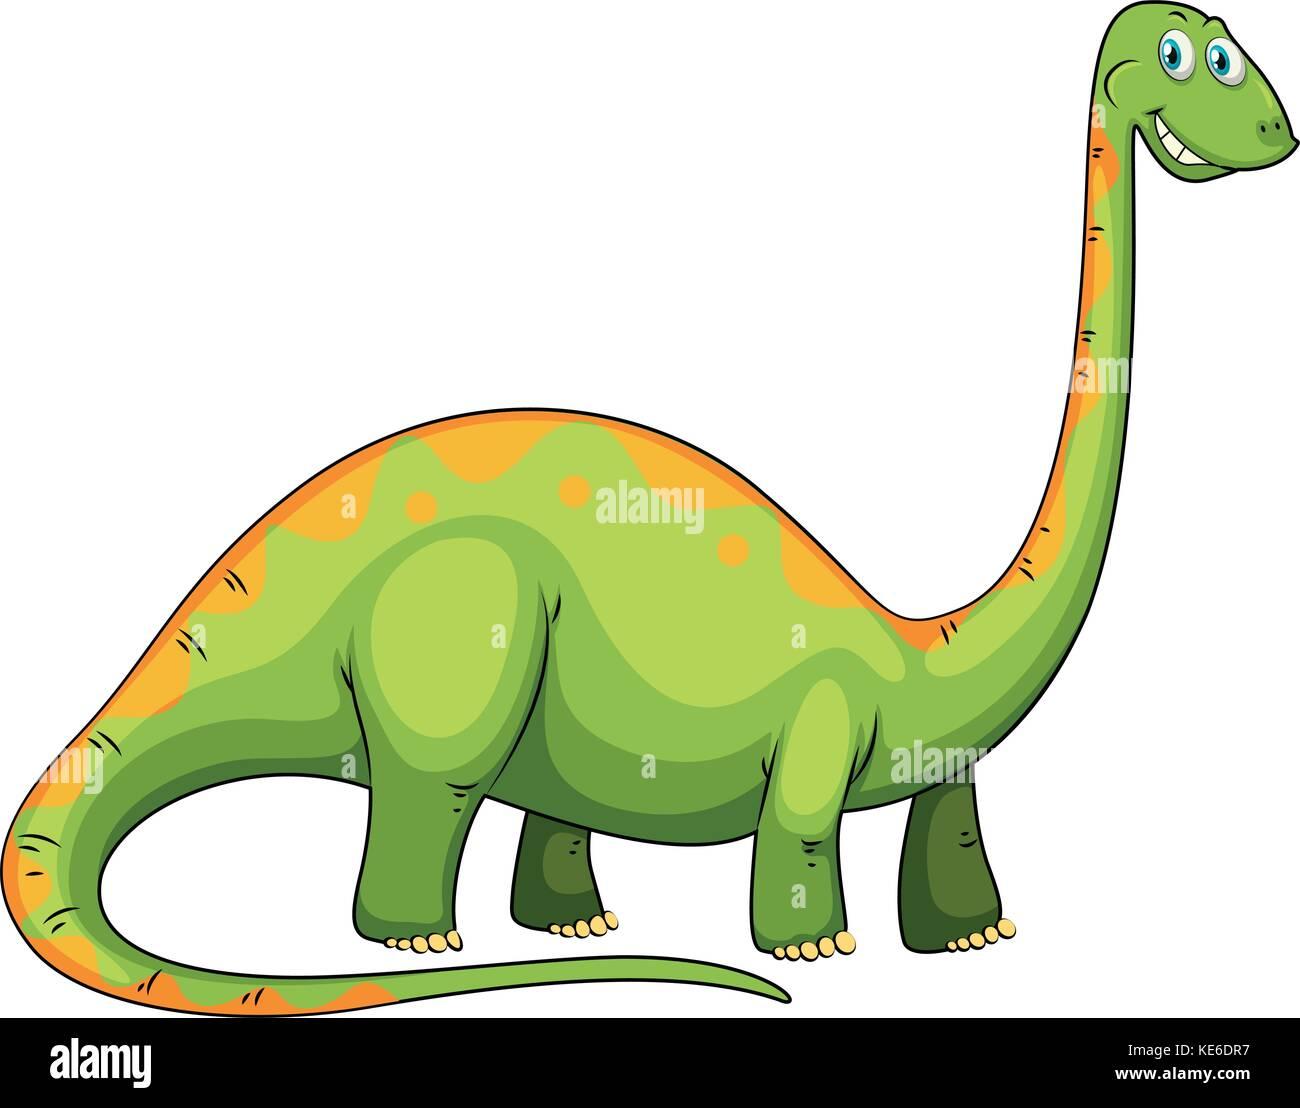 Dinosaurio Verde Con Cuello Largo Ilustracion Imagen Vector De Stock Alamy Tenía cuello y cola muy largos, cabeza pequeña, cuerpo robusto y patas gruesas se lo considera el dinosaurio más primitivo y completo de la sección inferior del triásico superior (215 millones de. https www alamy es foto dinosaurio verde con cuello largo ilustracion 163641051 html